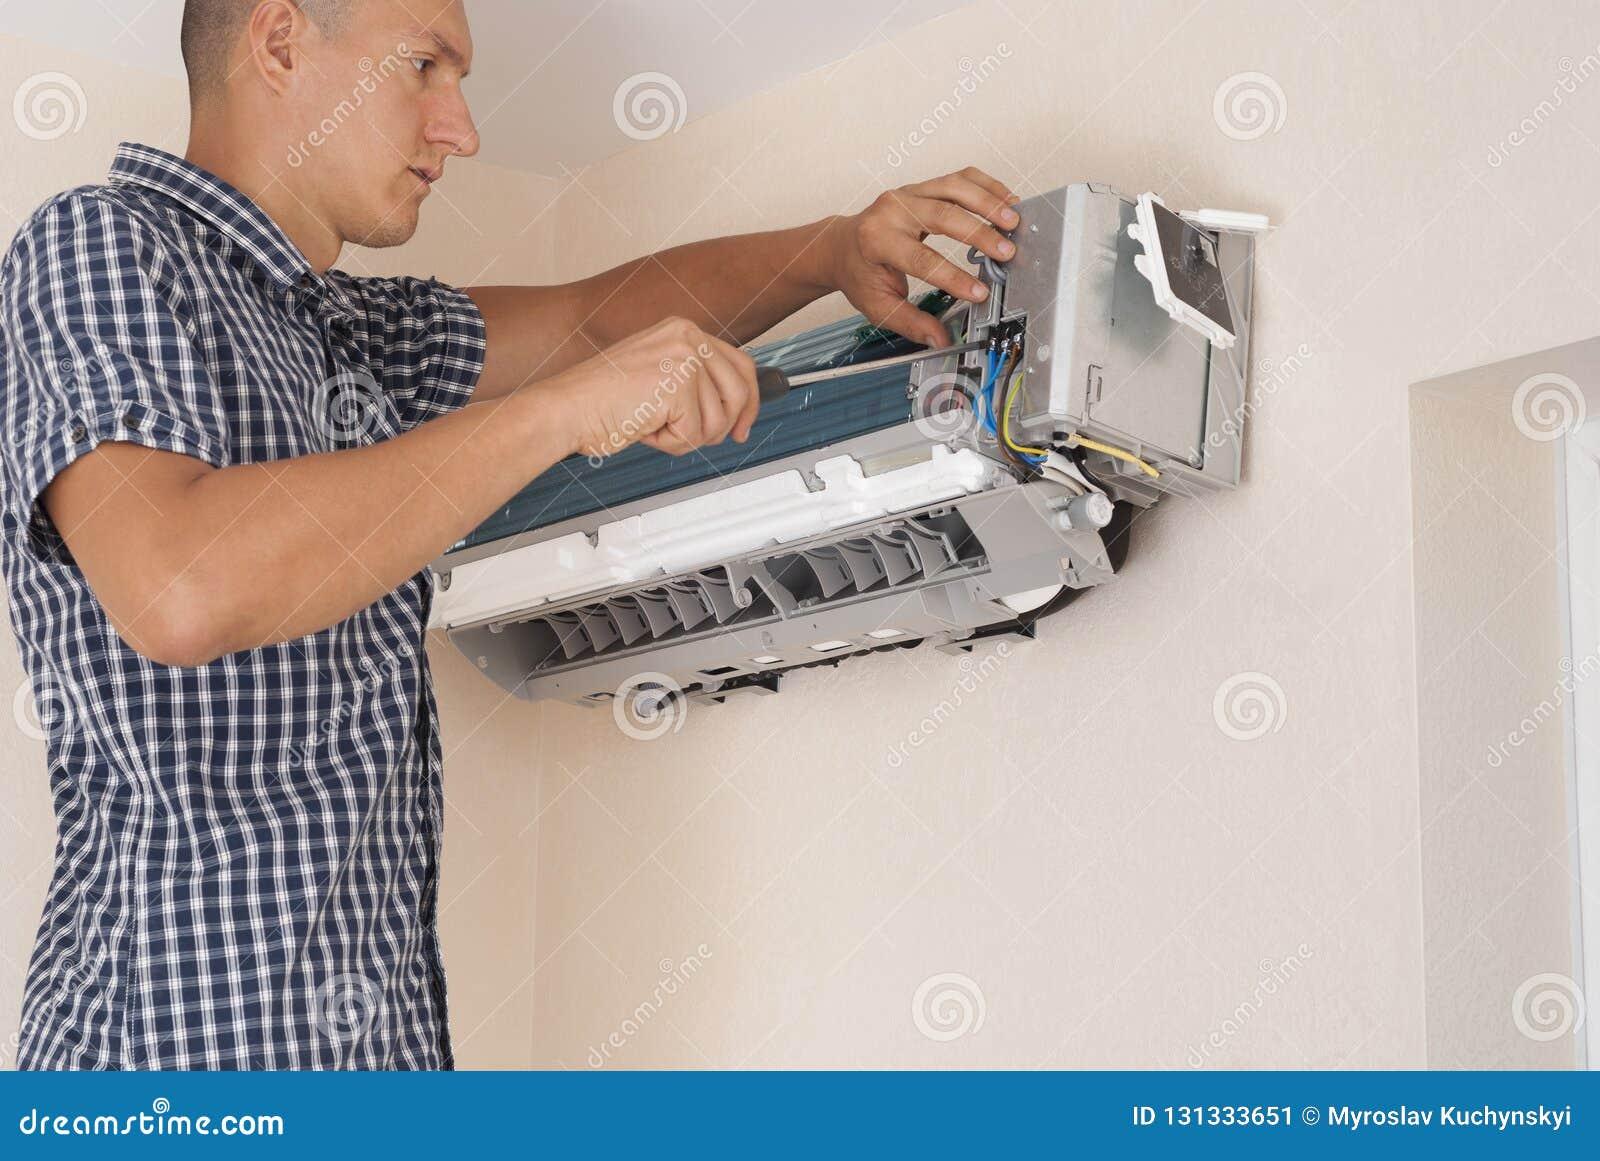 Installazione e riparazione del condizionatore d aria